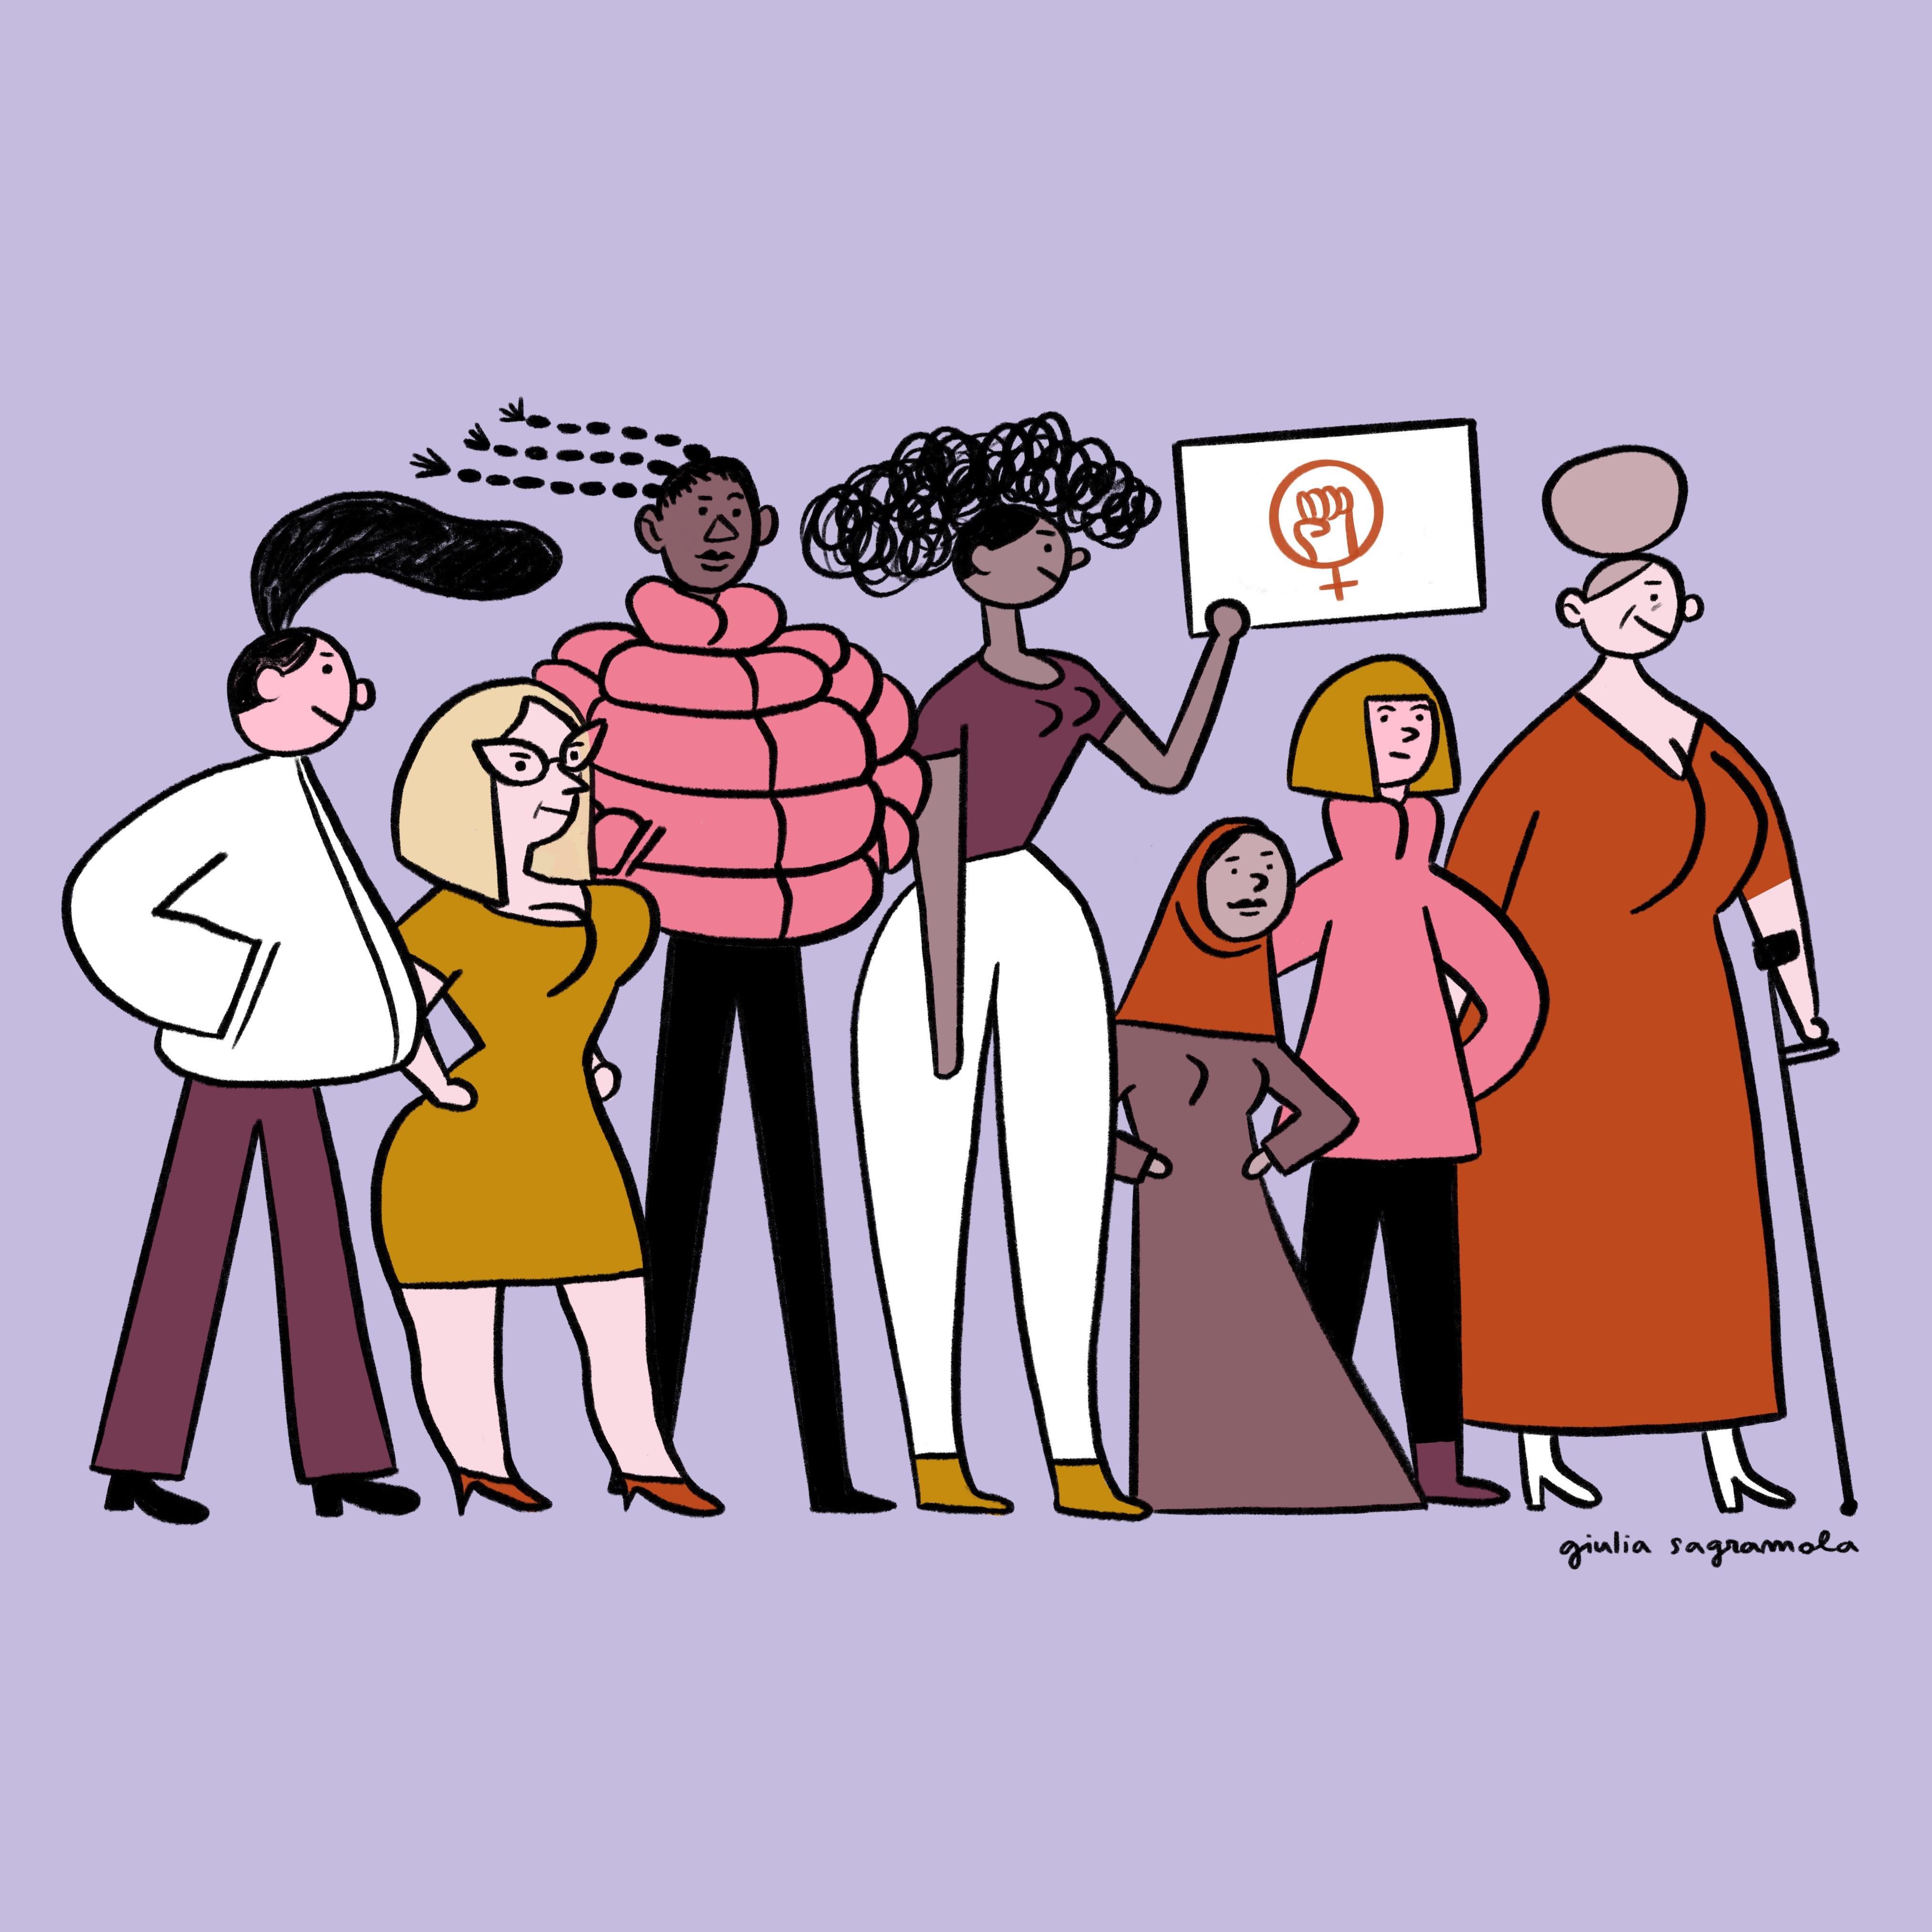 Tra le MOLESTE del fumetto c'è anche lei, Giulia Sagramola. Qui un suo lavoro, Women Rights.